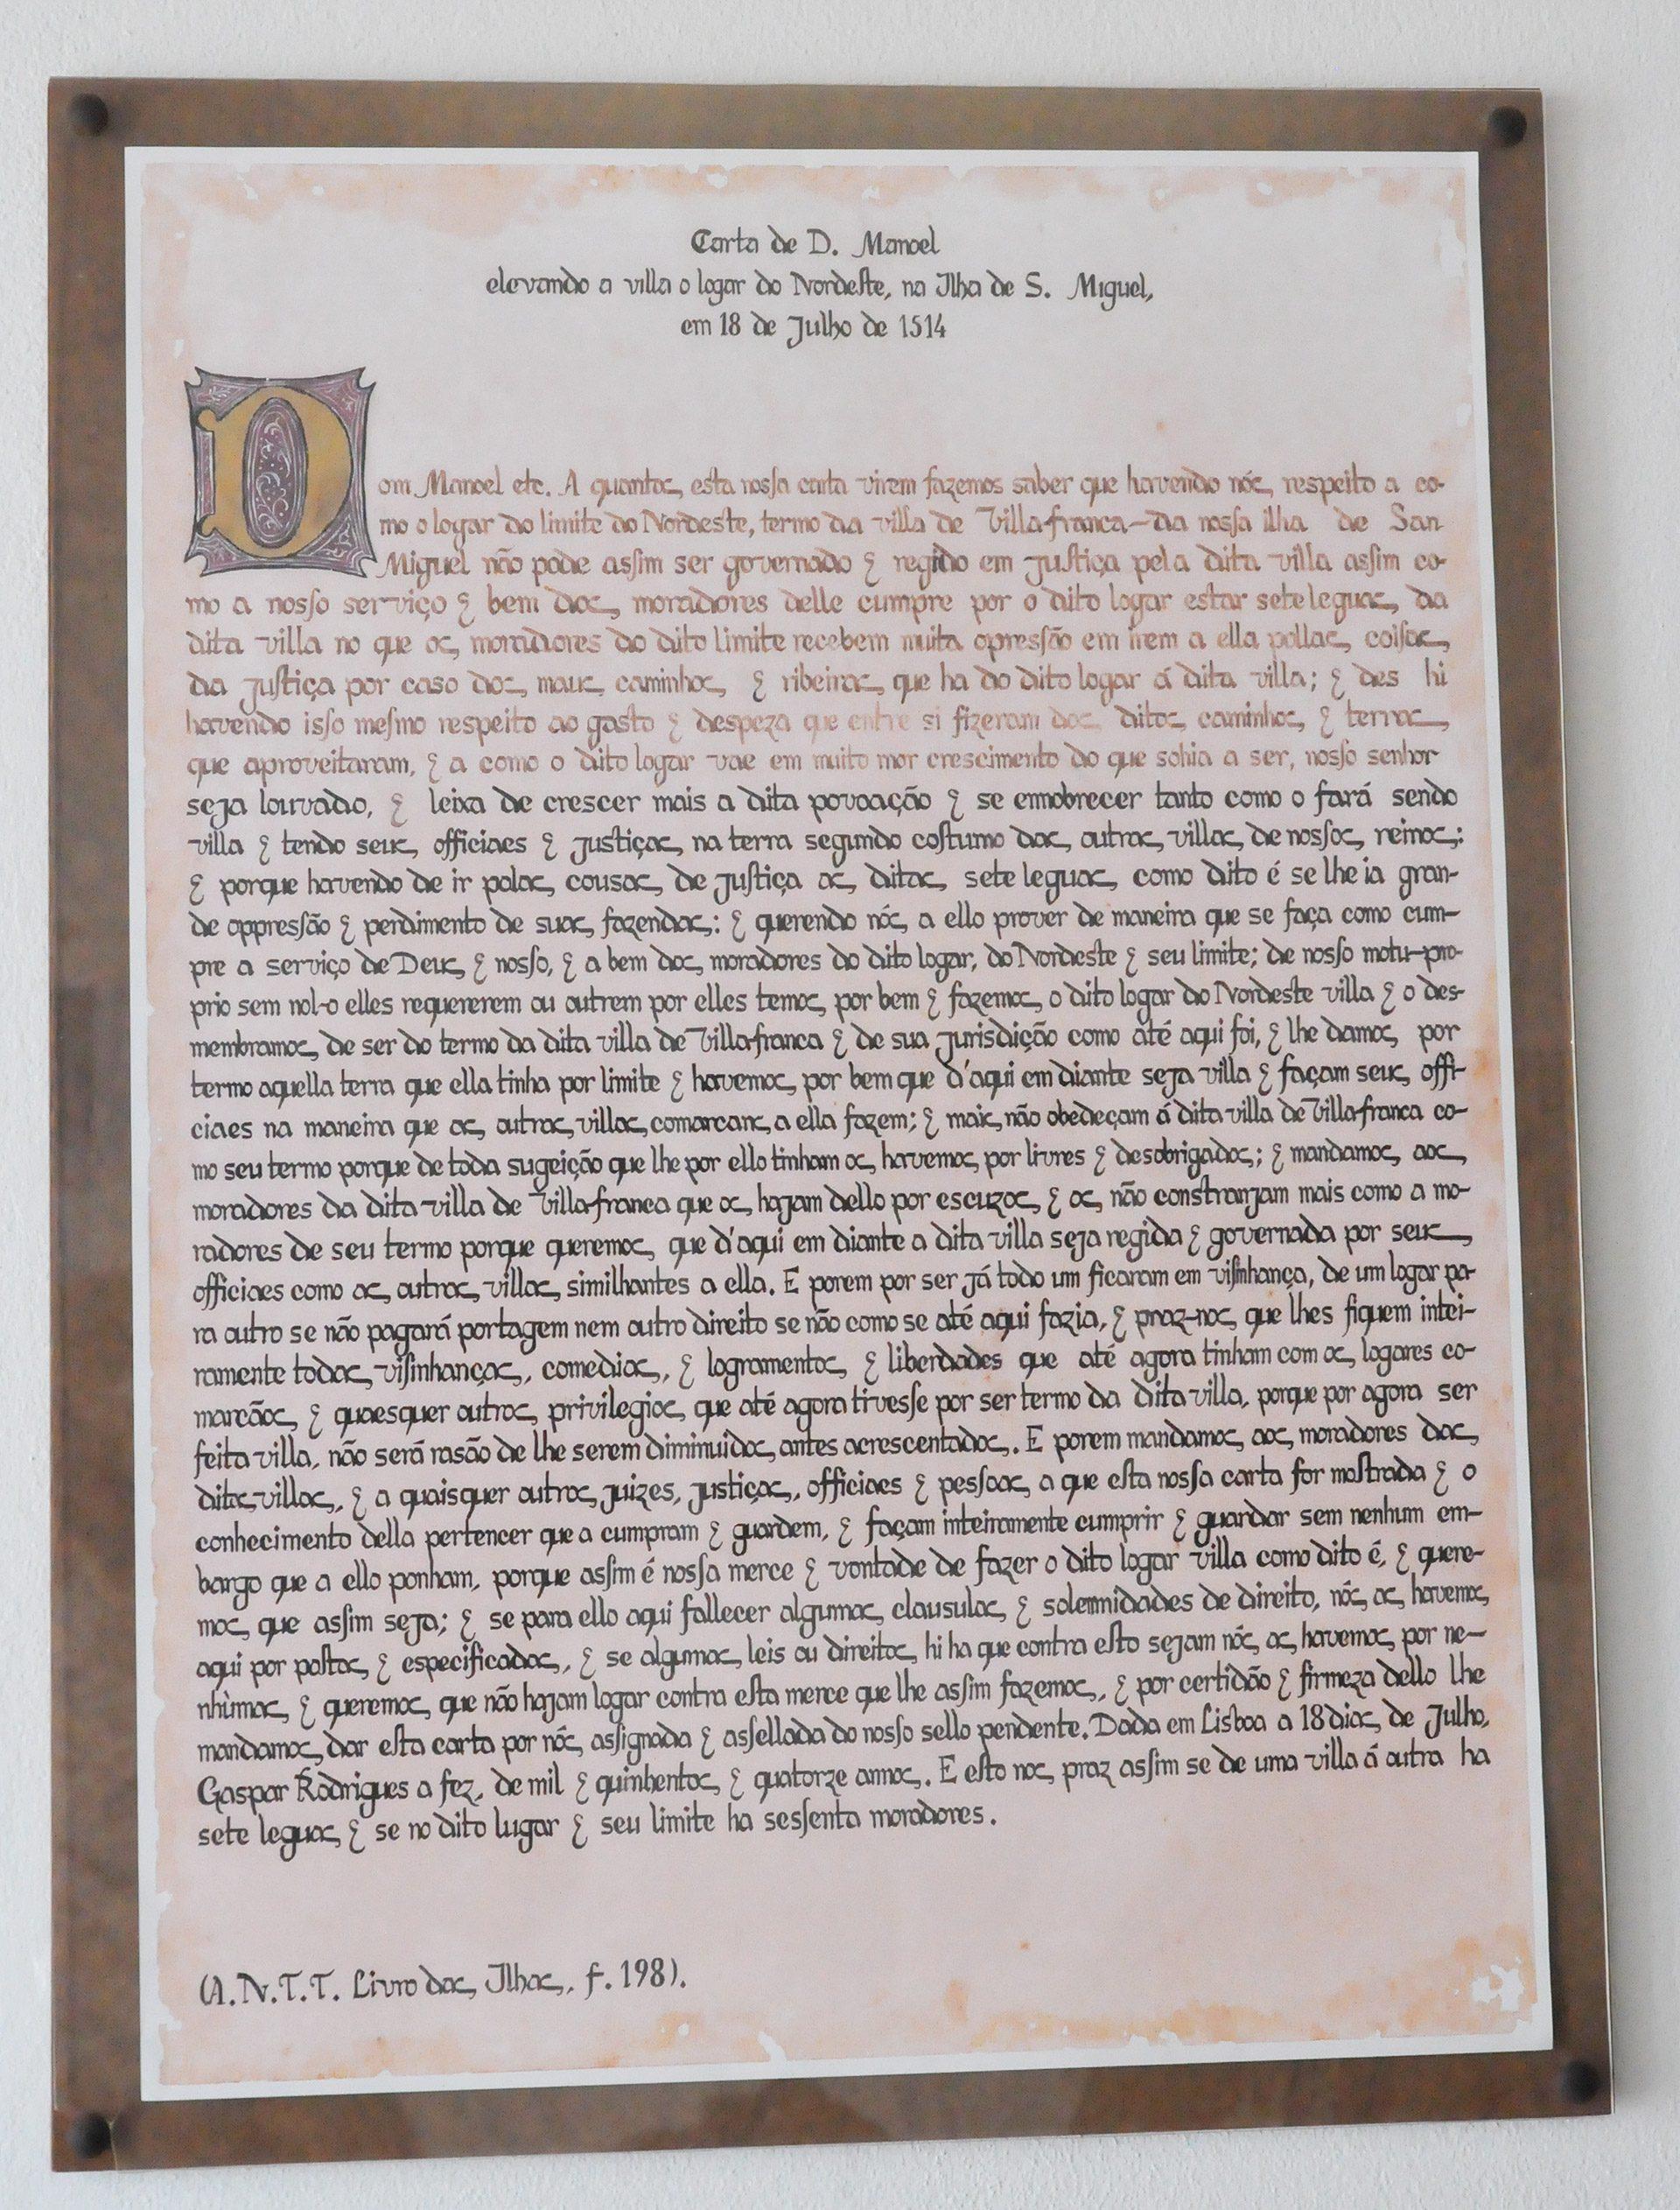 Carta Régia - D. Manuel I